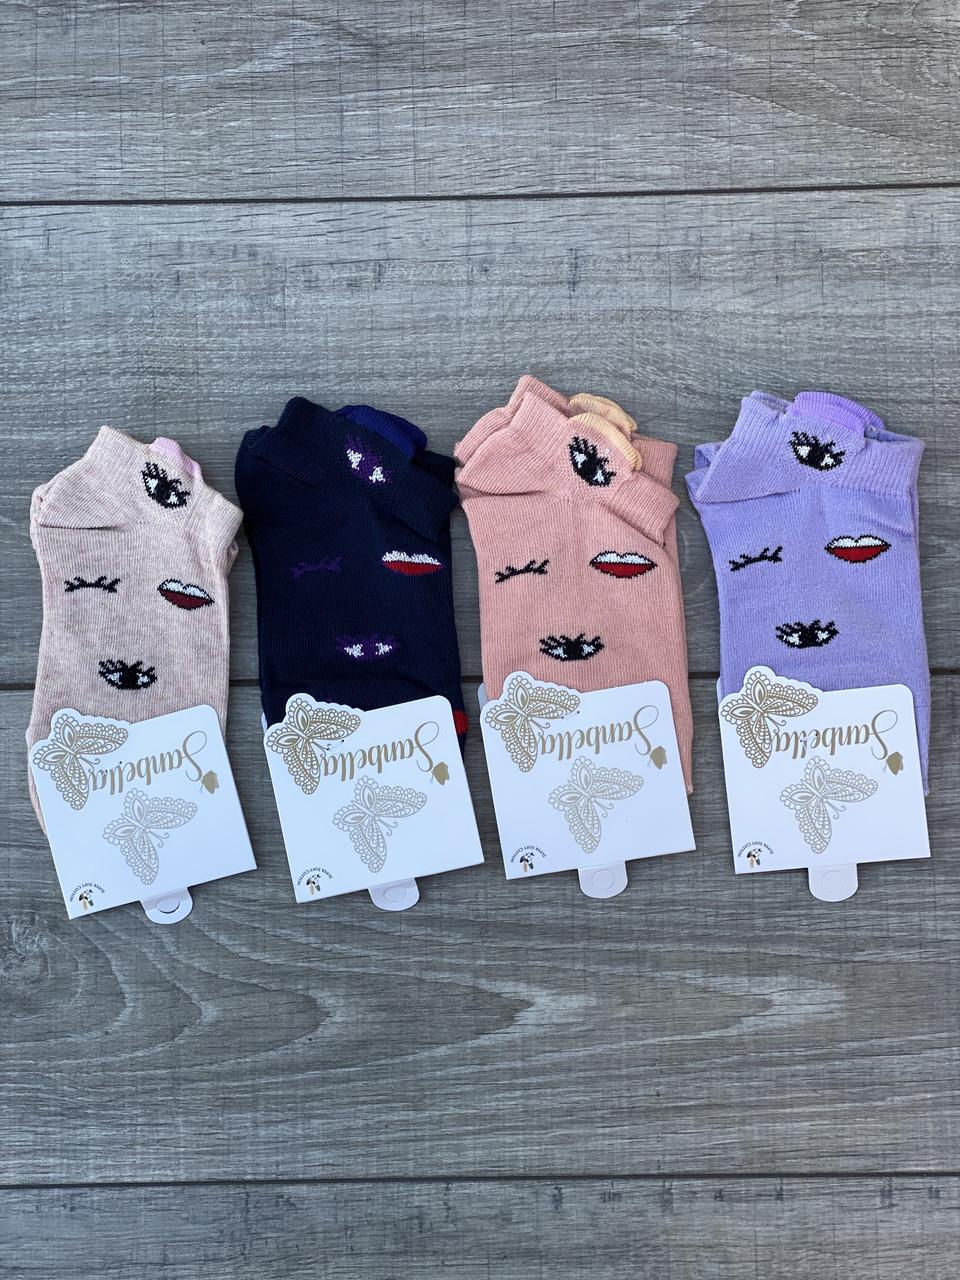 Шкарпетки Sanbella жіночі котонові з очками губками сердечками 36-40 12 шт в уп мікс кольорів